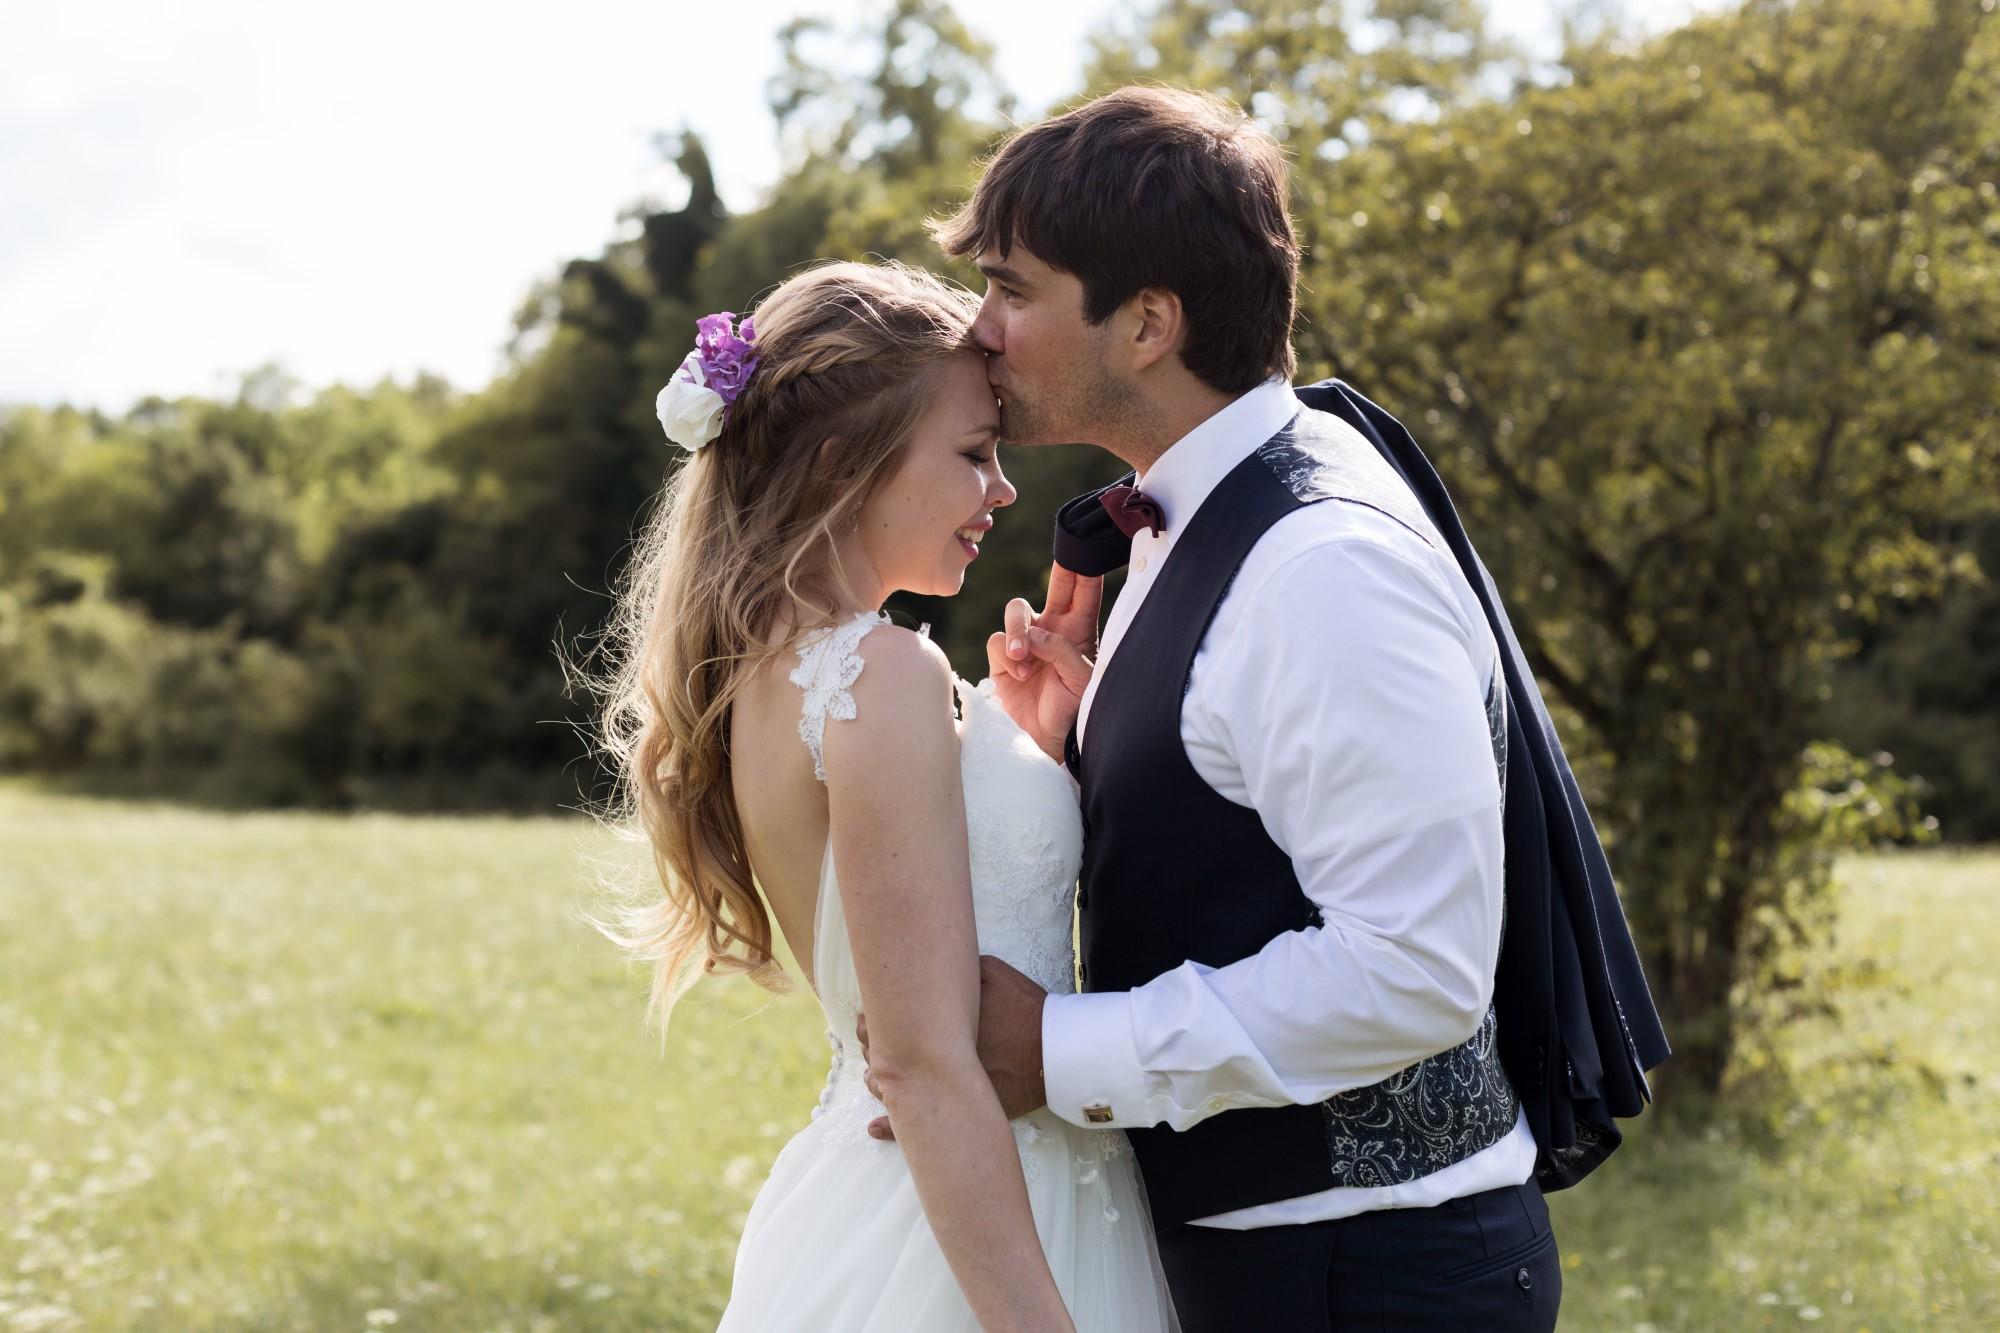 Der Bräutigam küsst die Braut auf die Stirn